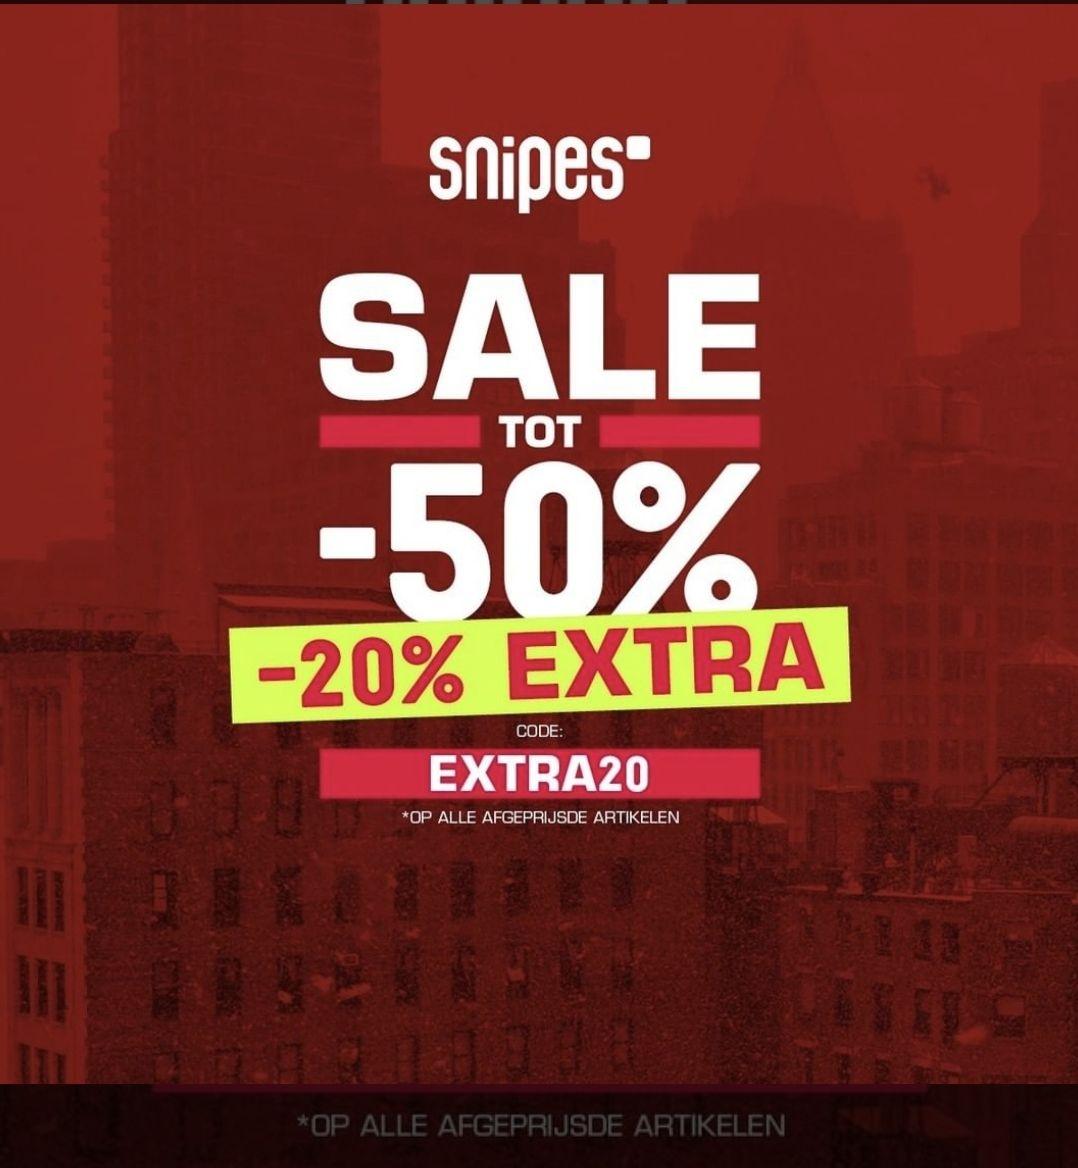 [Snipes] extra 20% korting op de sale